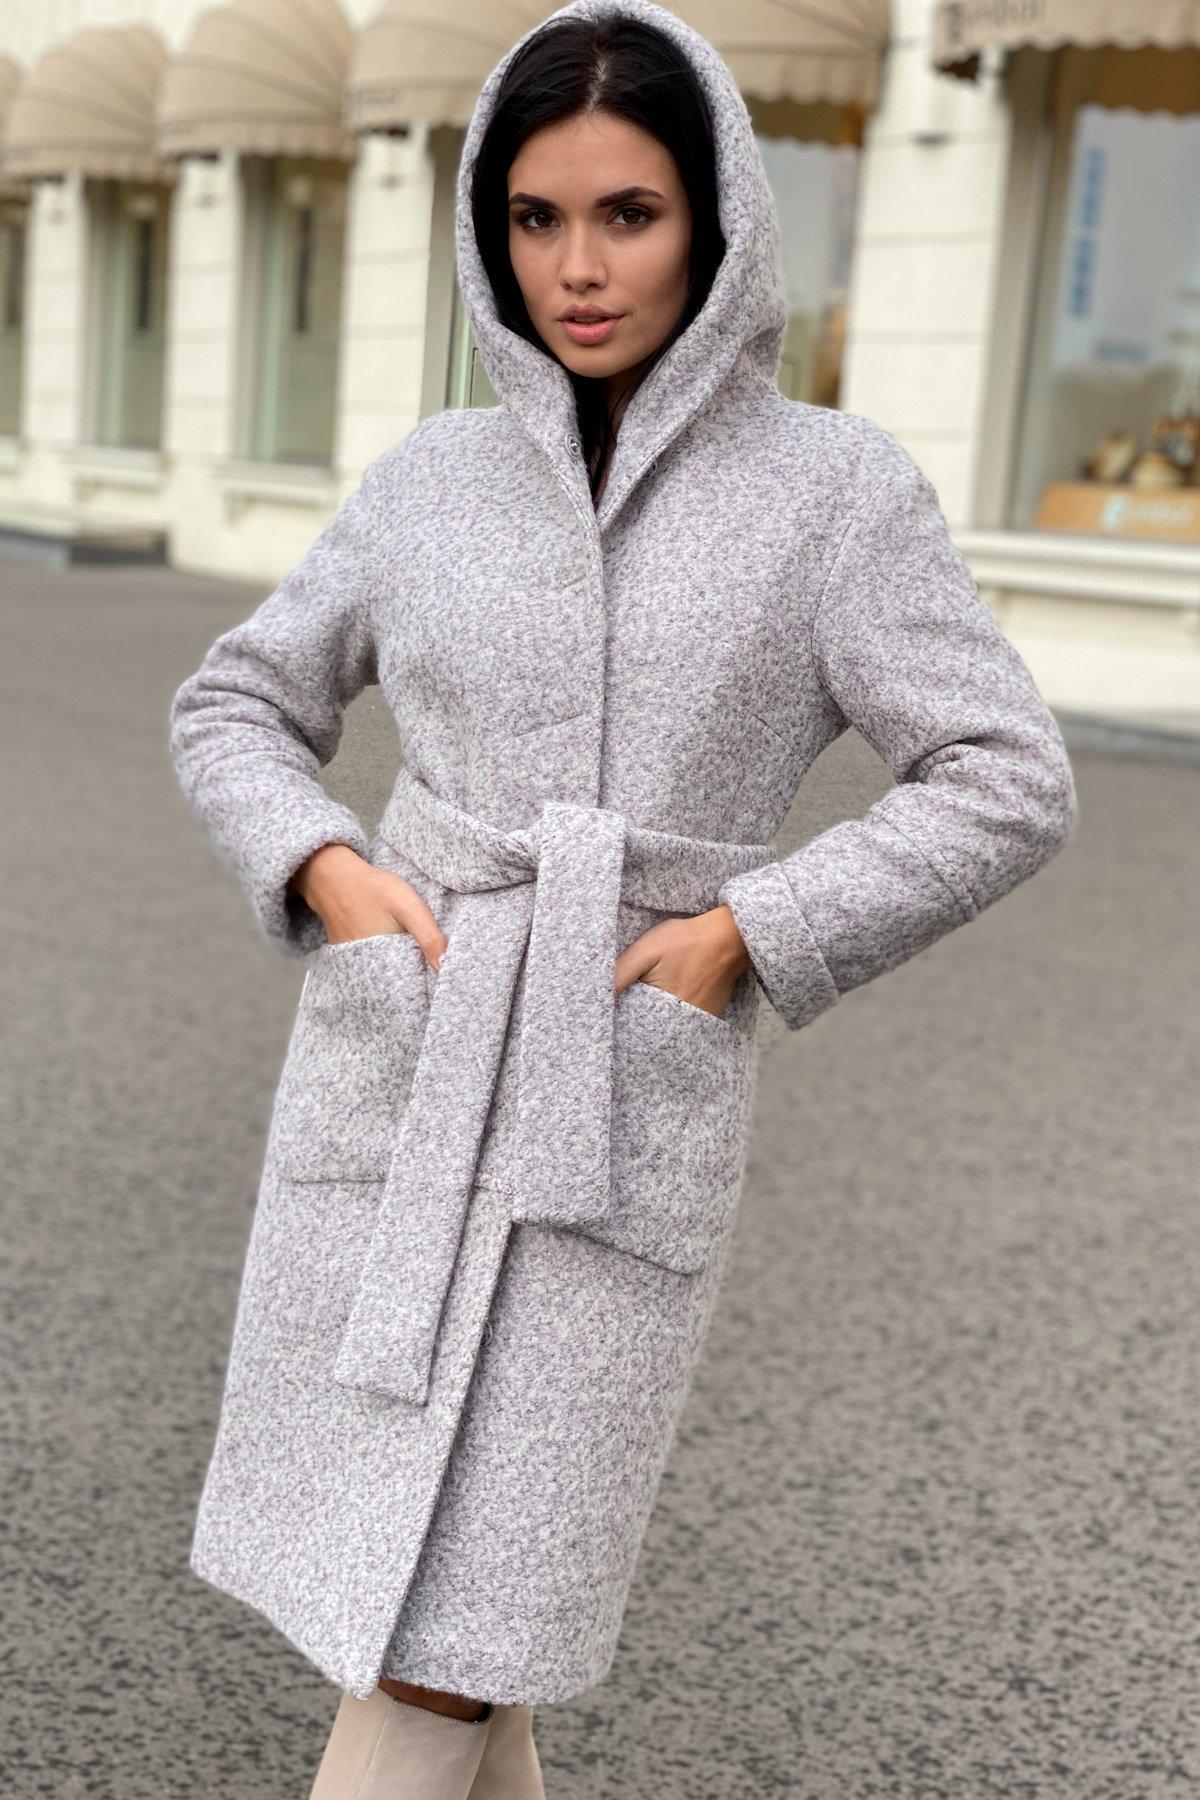 Пальто зима шерсть букле Анита 8320 АРТ. 44439 Цвет: Серый/бежевый 24 - фото 2, интернет магазин tm-modus.ru